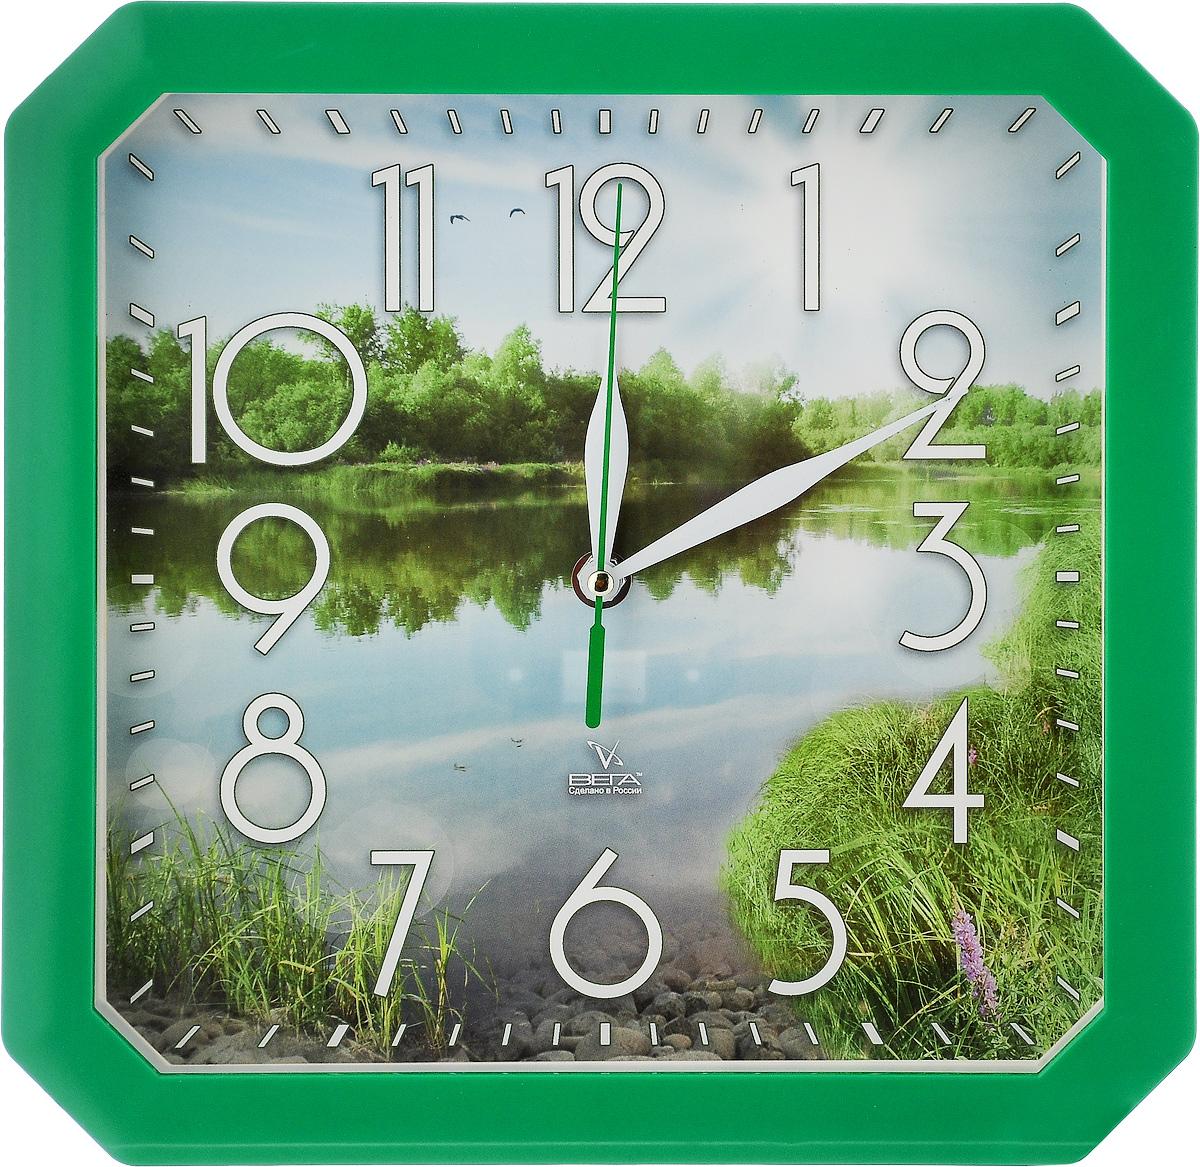 Часы настенные Вега Пейзаж, 27,5 х 27,5 х 3,3 смП4-3/7-82Настенные кварцевые часы Вега Пейзаж, изготовленные изпластика, прекрасно впишутся в интерьер вашего дома. Часыимеют три стрелки: часовую, минутную и секундную, циферблатзащищен прозрачным стеклом.Часы работают от 1 батарейки типа АА напряжением 1,5 В (невходит в комплект). Размер часов: 27,5 х 27,5 х 3,3 см.